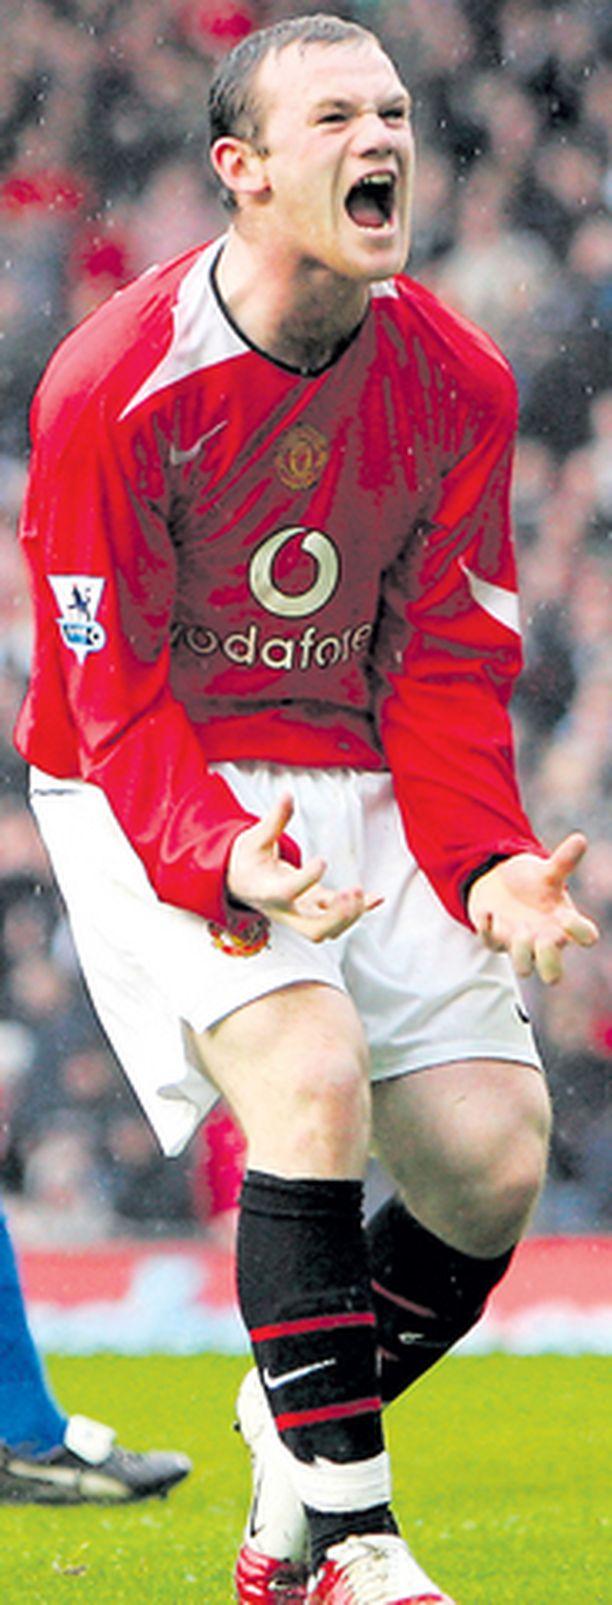 Wayne Rooney väittää Evertonin valmentajan David Moyesin yrittäneen kontrolloida häntä liikaa.